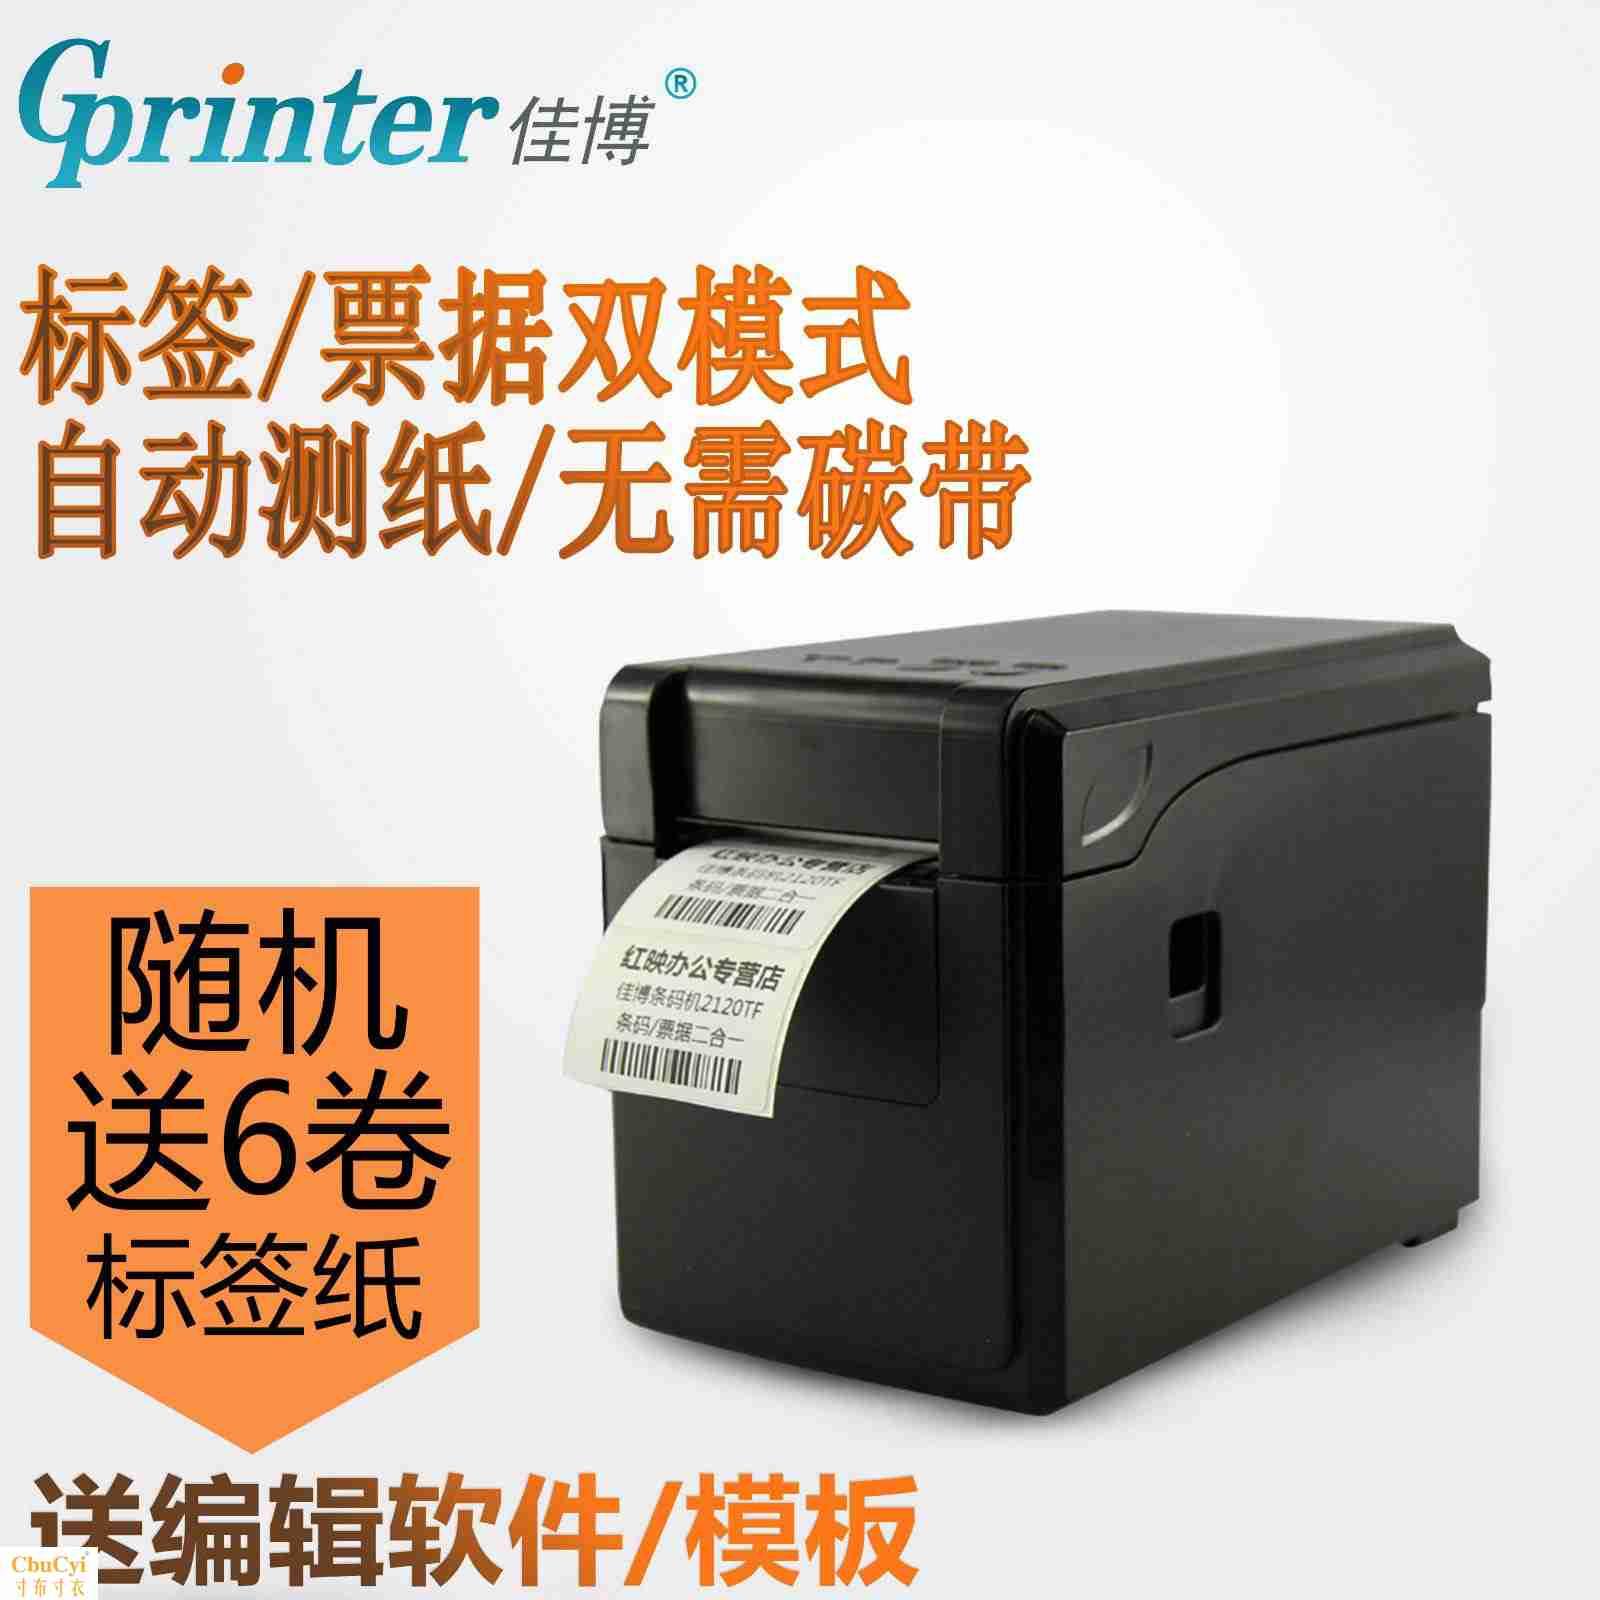 佳博热敏打印机GP-2120TF条码不干胶标签收银二维码吊牌奶茶店